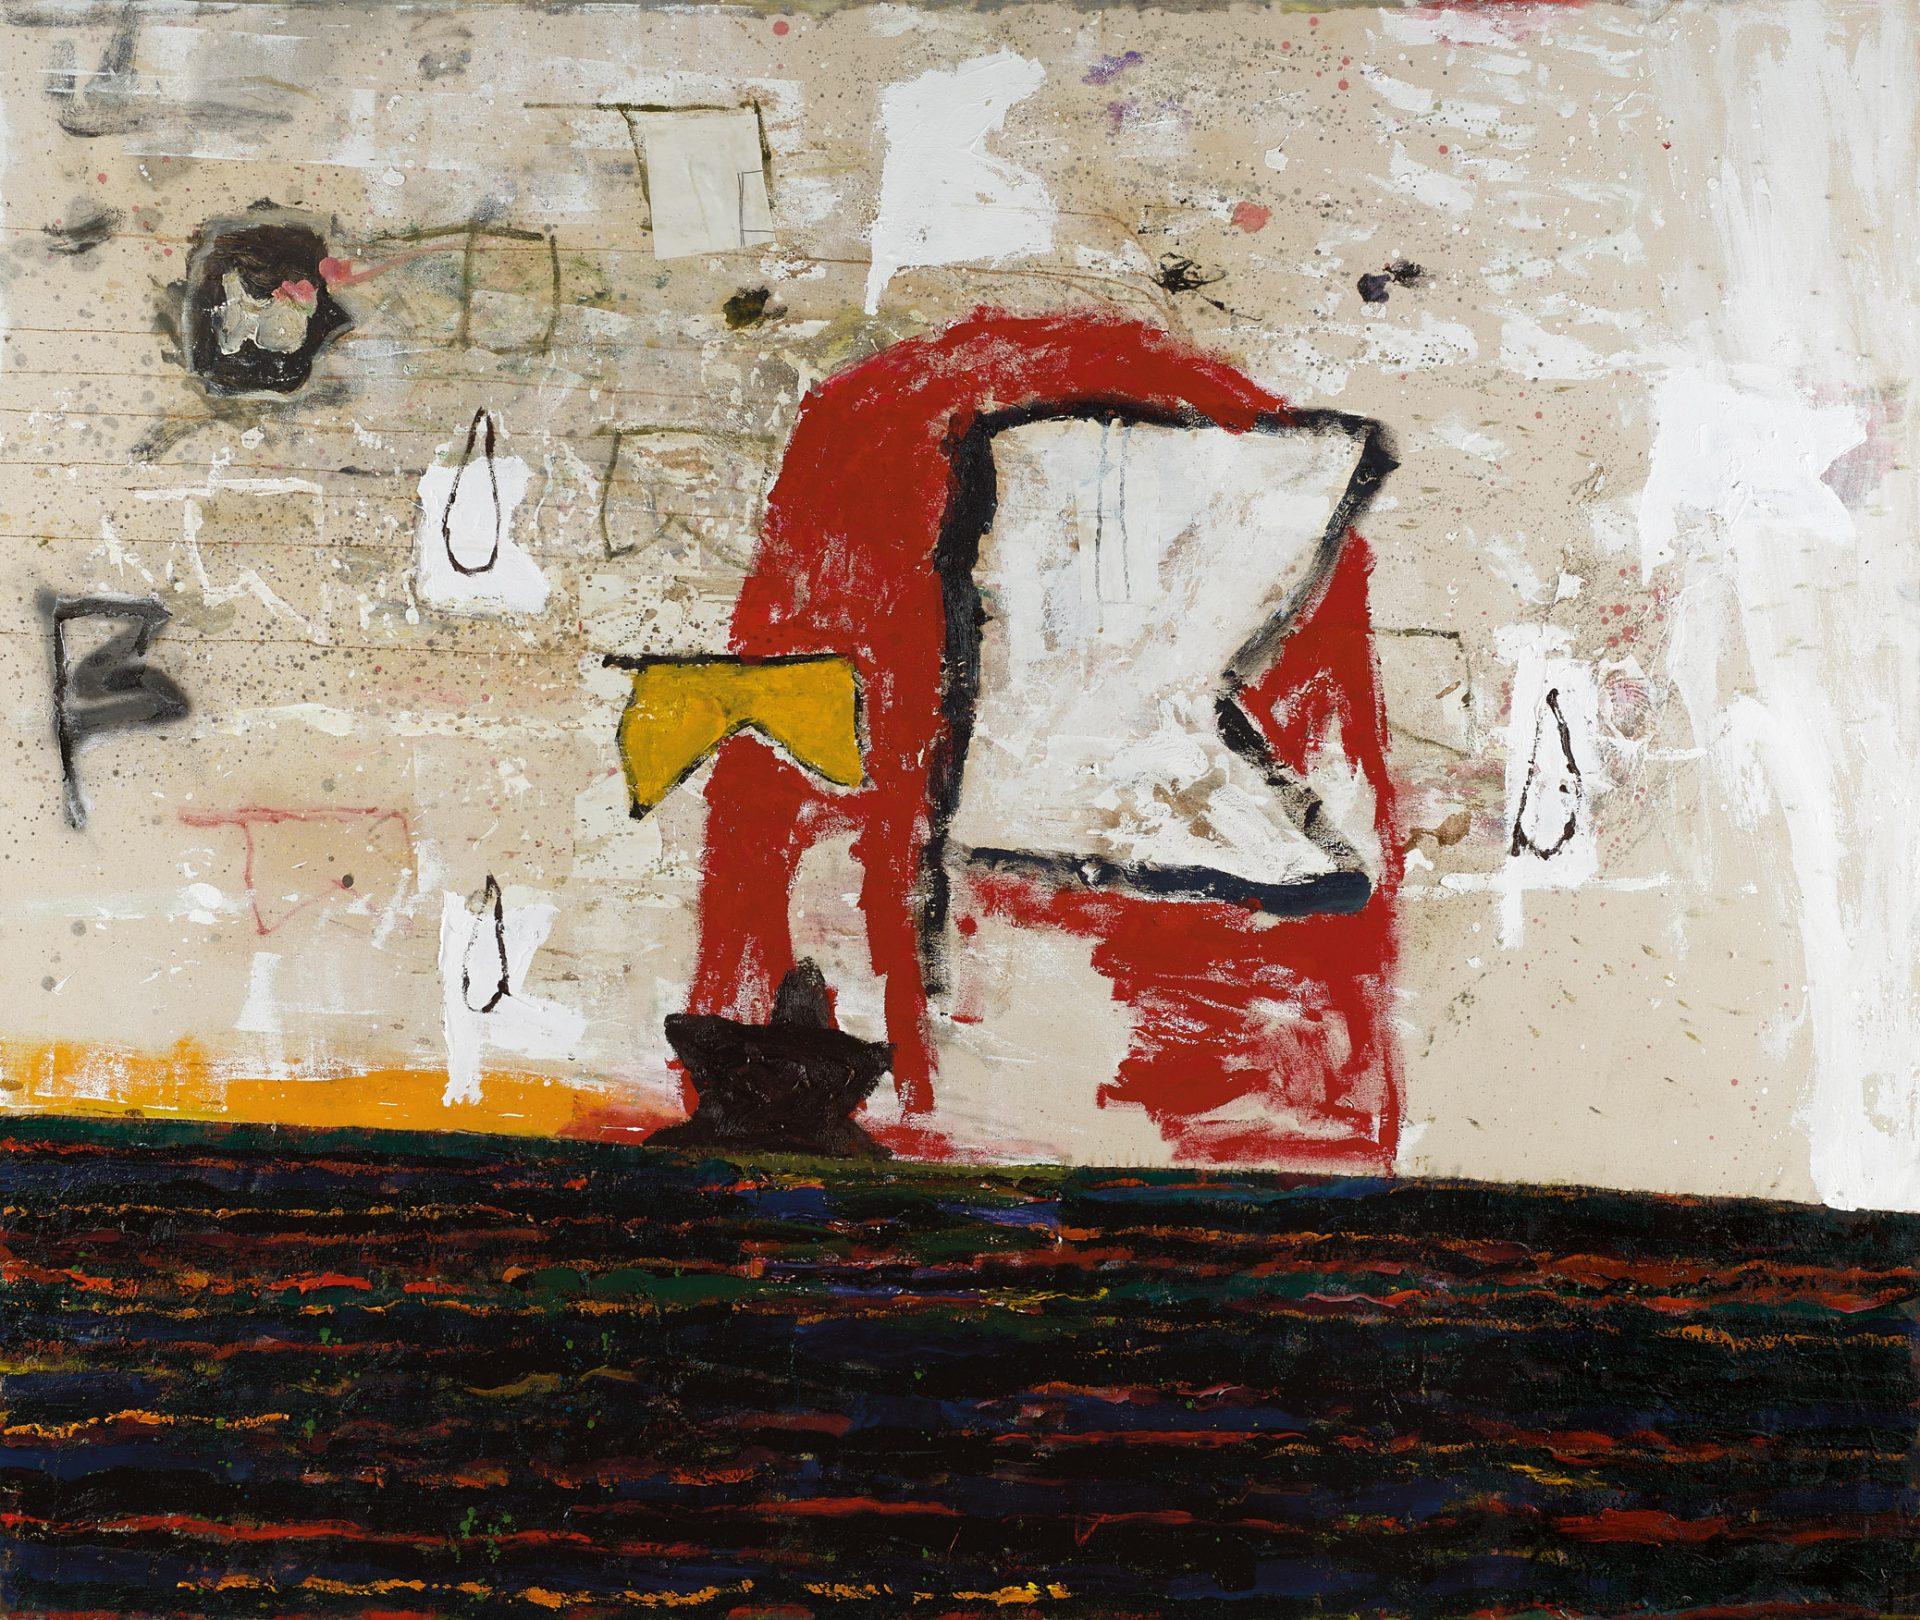 Amit Cabessa, 2019, Mixed media on canvas 160 x 190